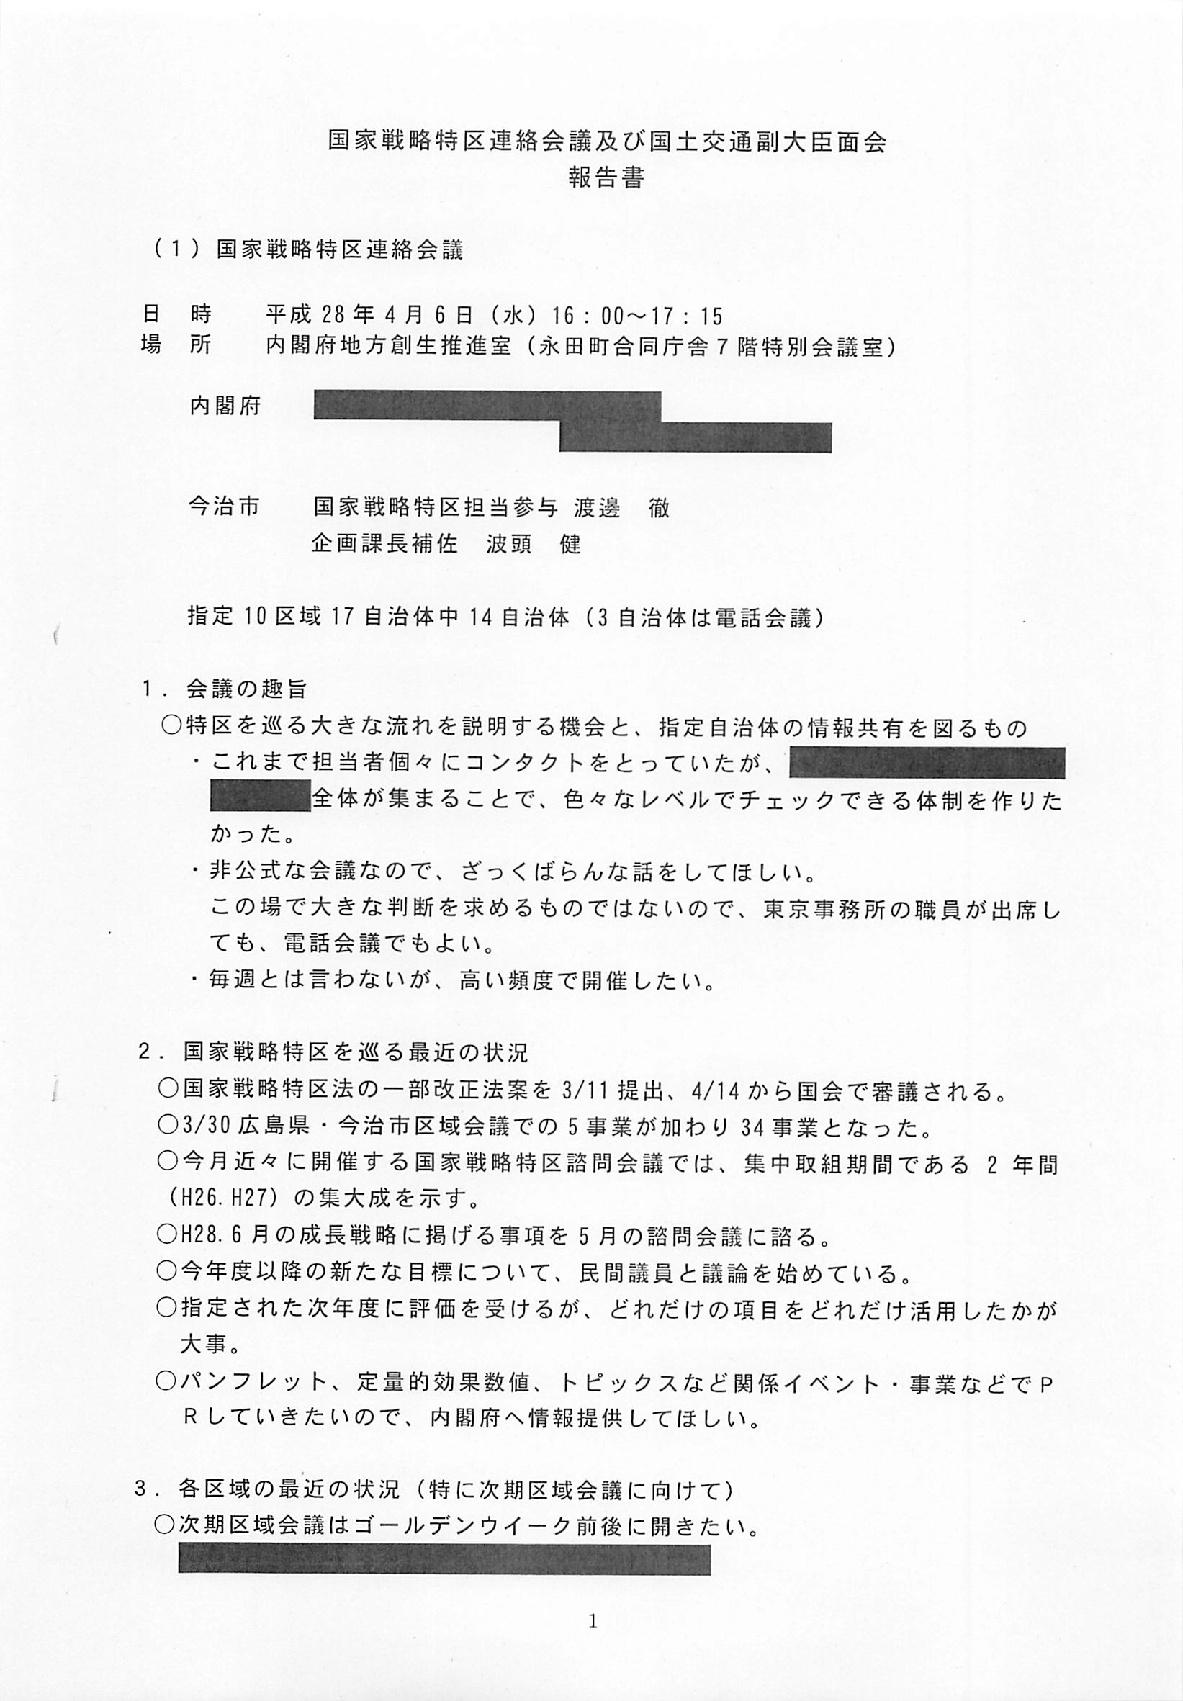 今治市 20160406-7 国家戦略特区連絡会議 国交副大臣面会 (3)